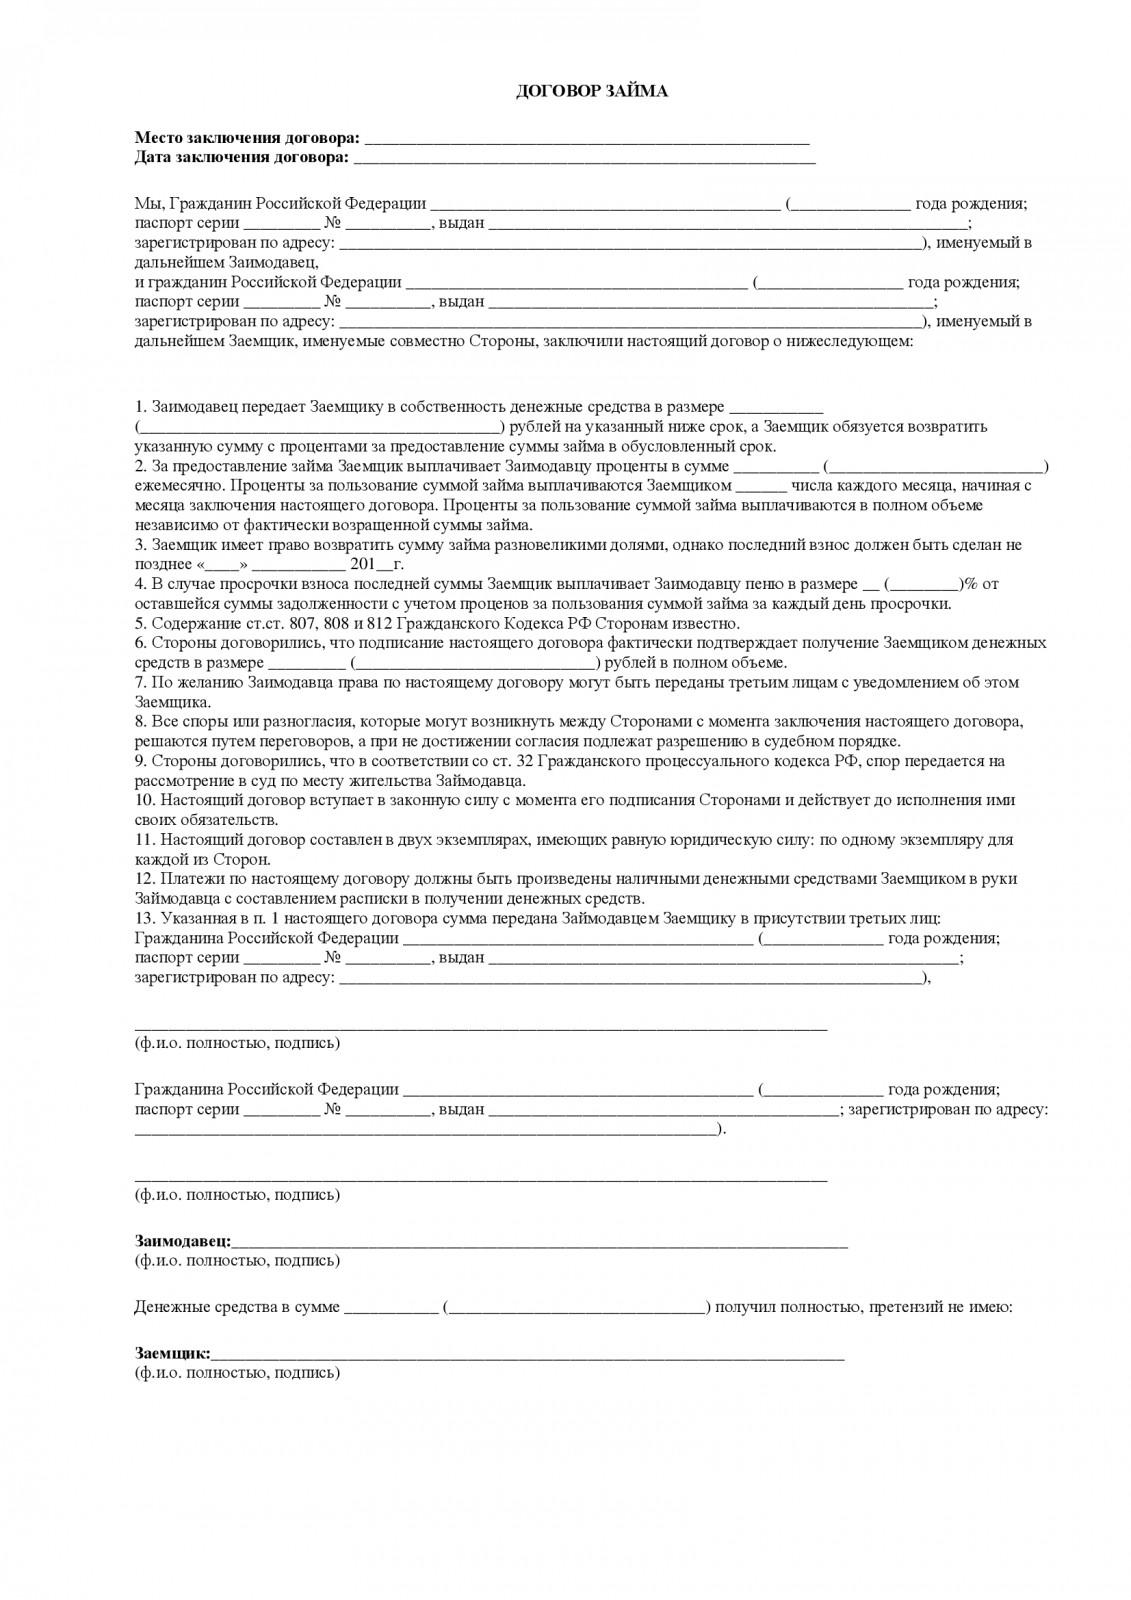 Расчет кредита онлайн калькулятор сбербанк для физических